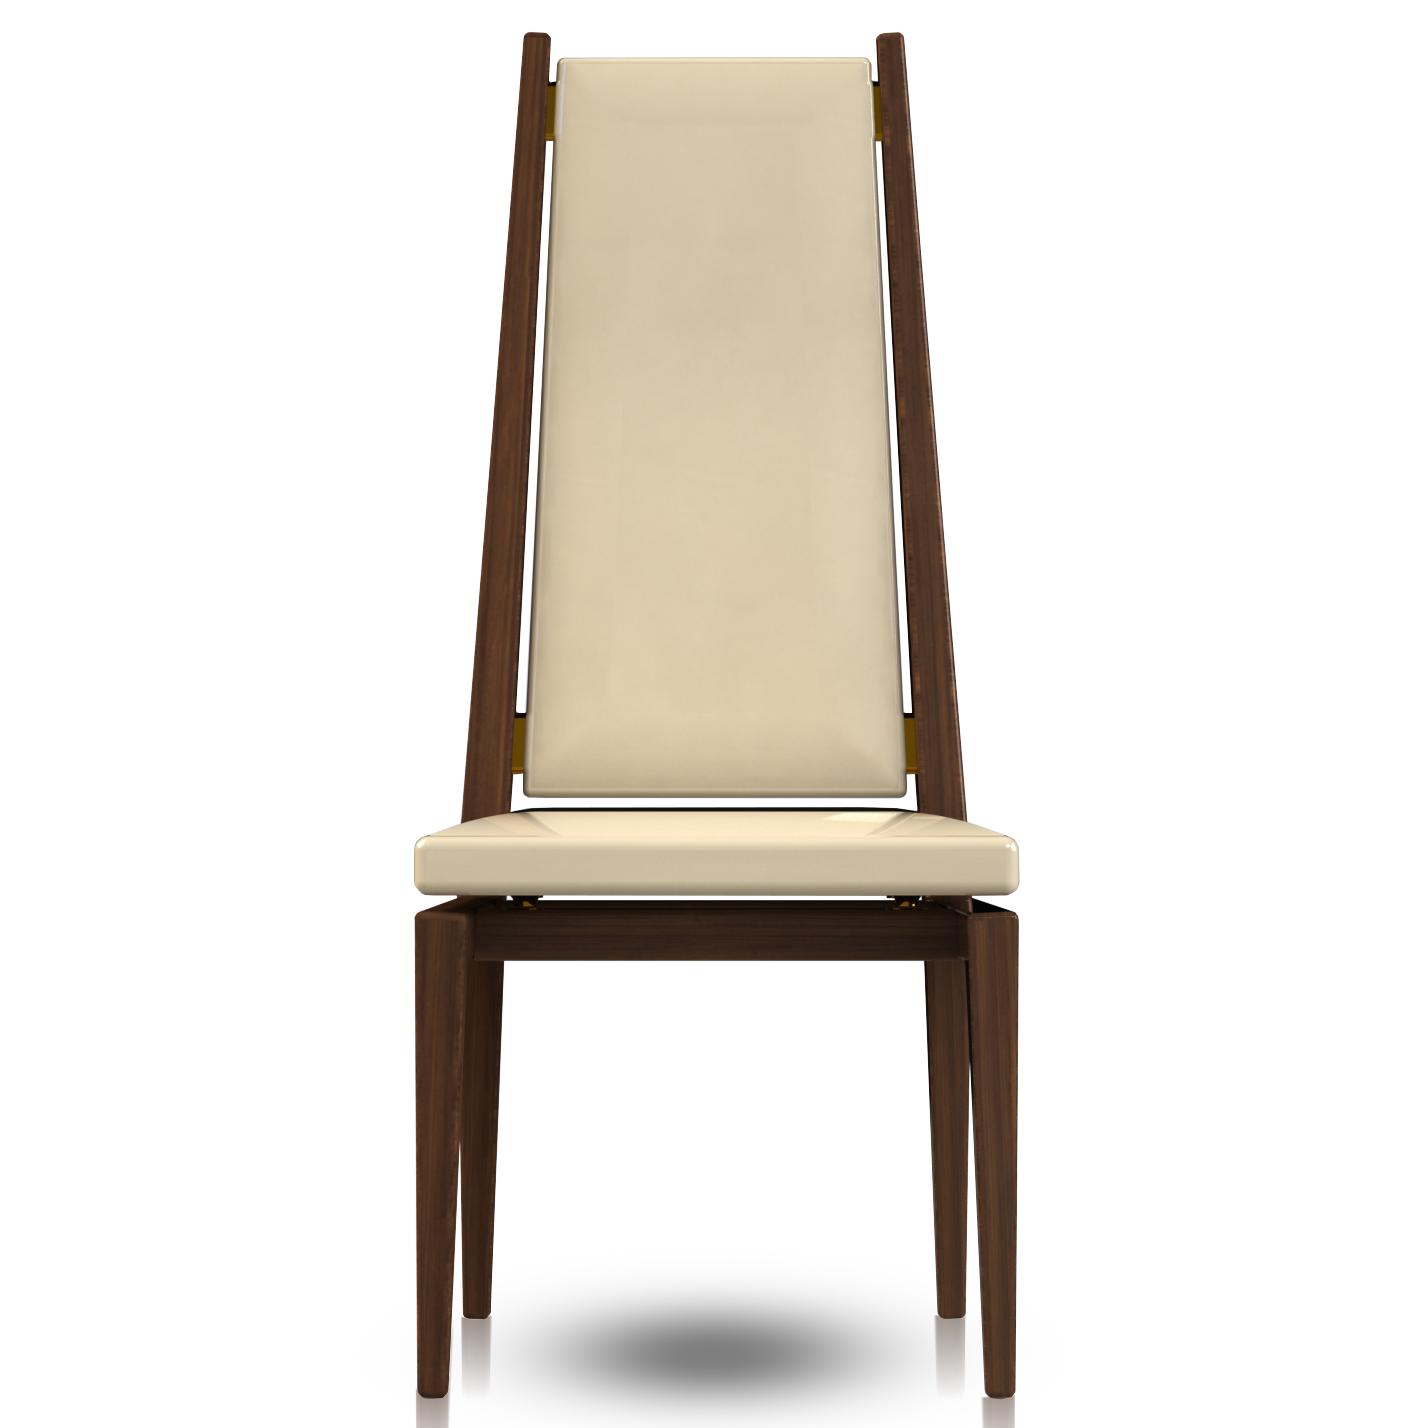 Mass_Chair_4.jpg